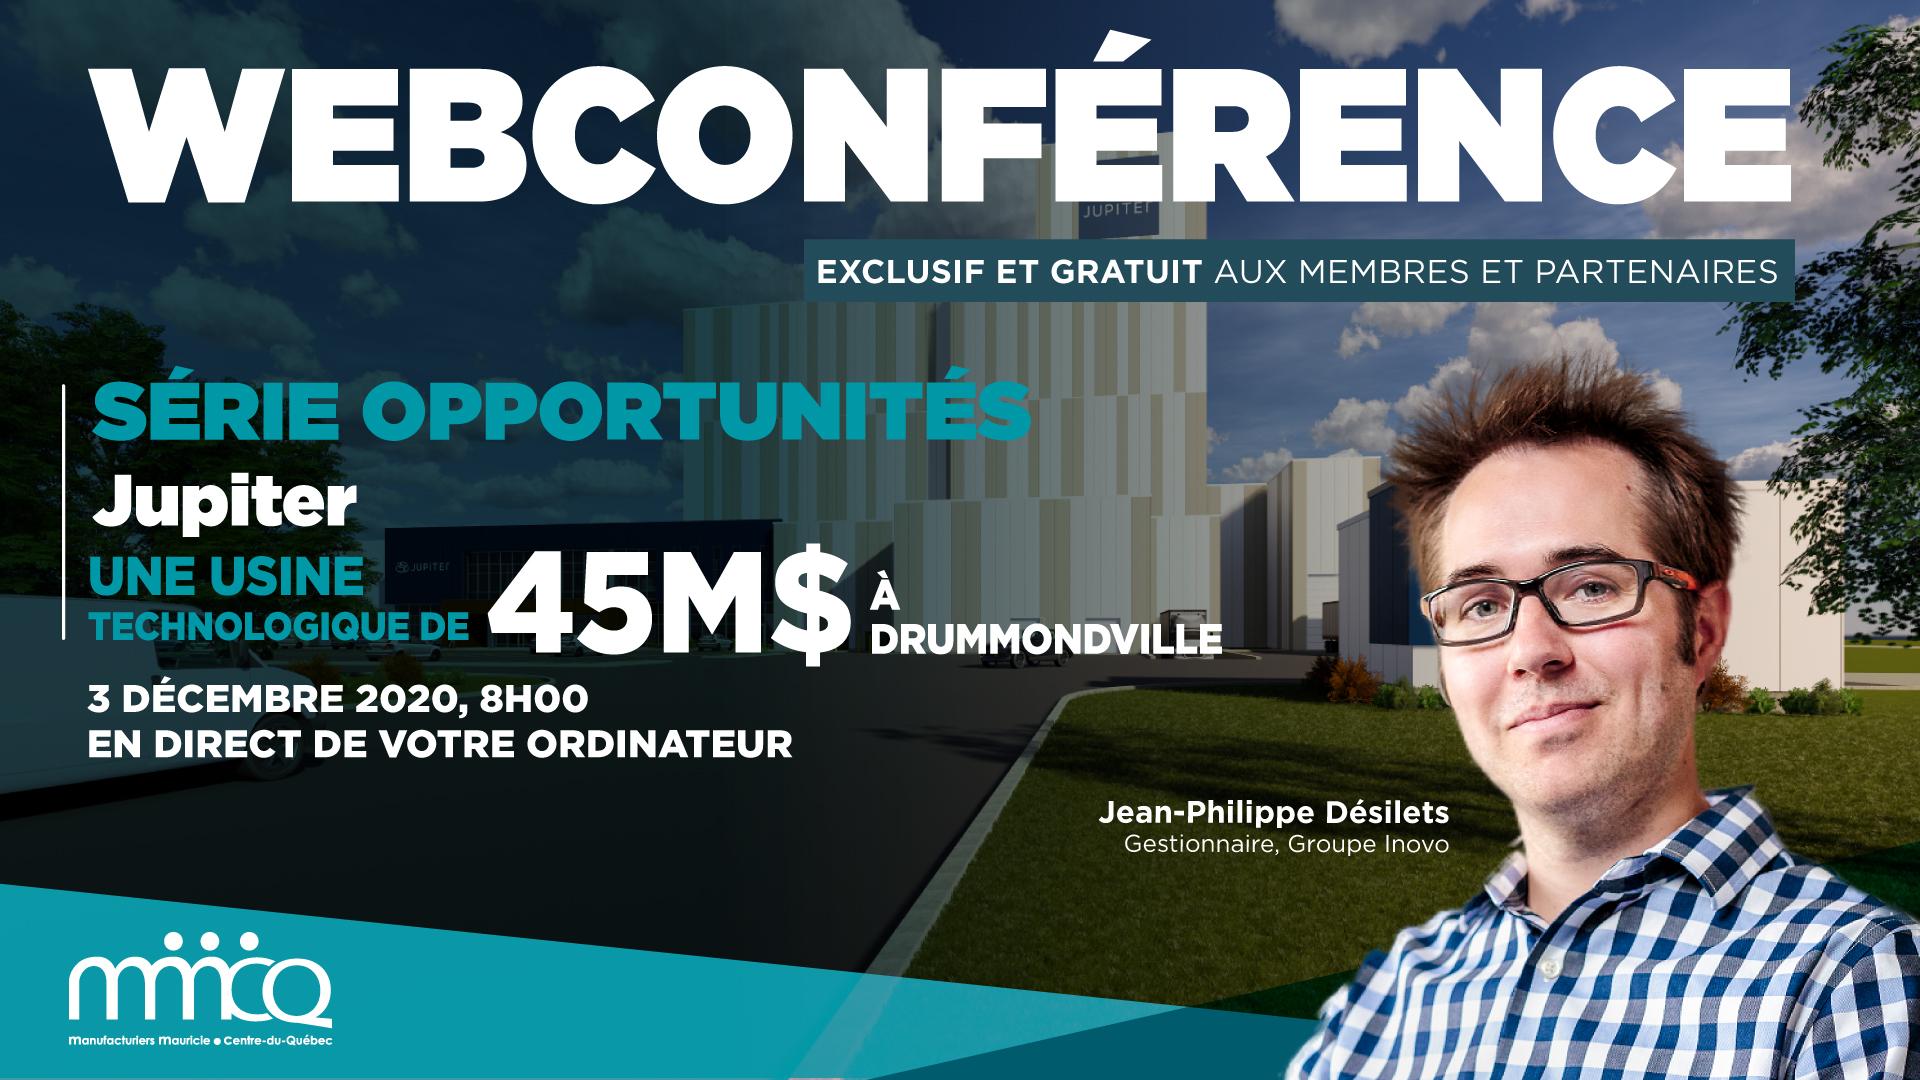 Jupiter - Une usine technologique de 45M$ à Drummondville